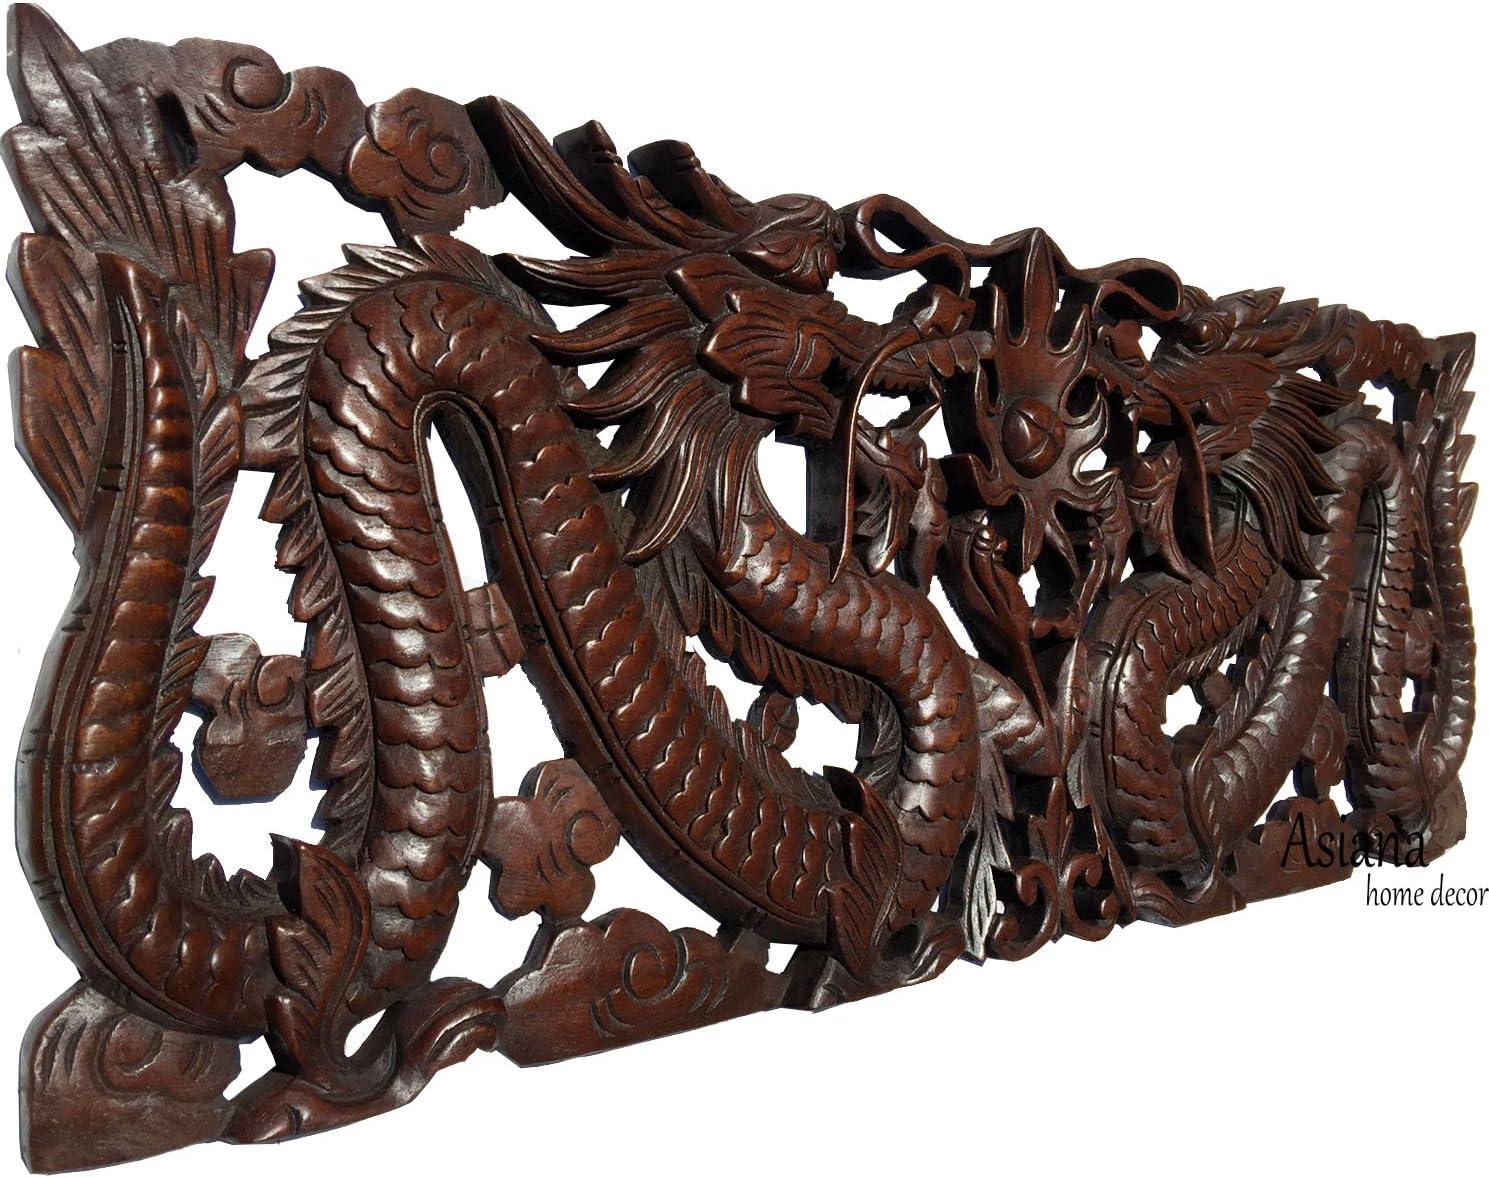 Oriental Folk Art Dragon Reclaimed Teak Wood Sculpture Hand Made Dragon Sculpture Driftwood Dragon Statue